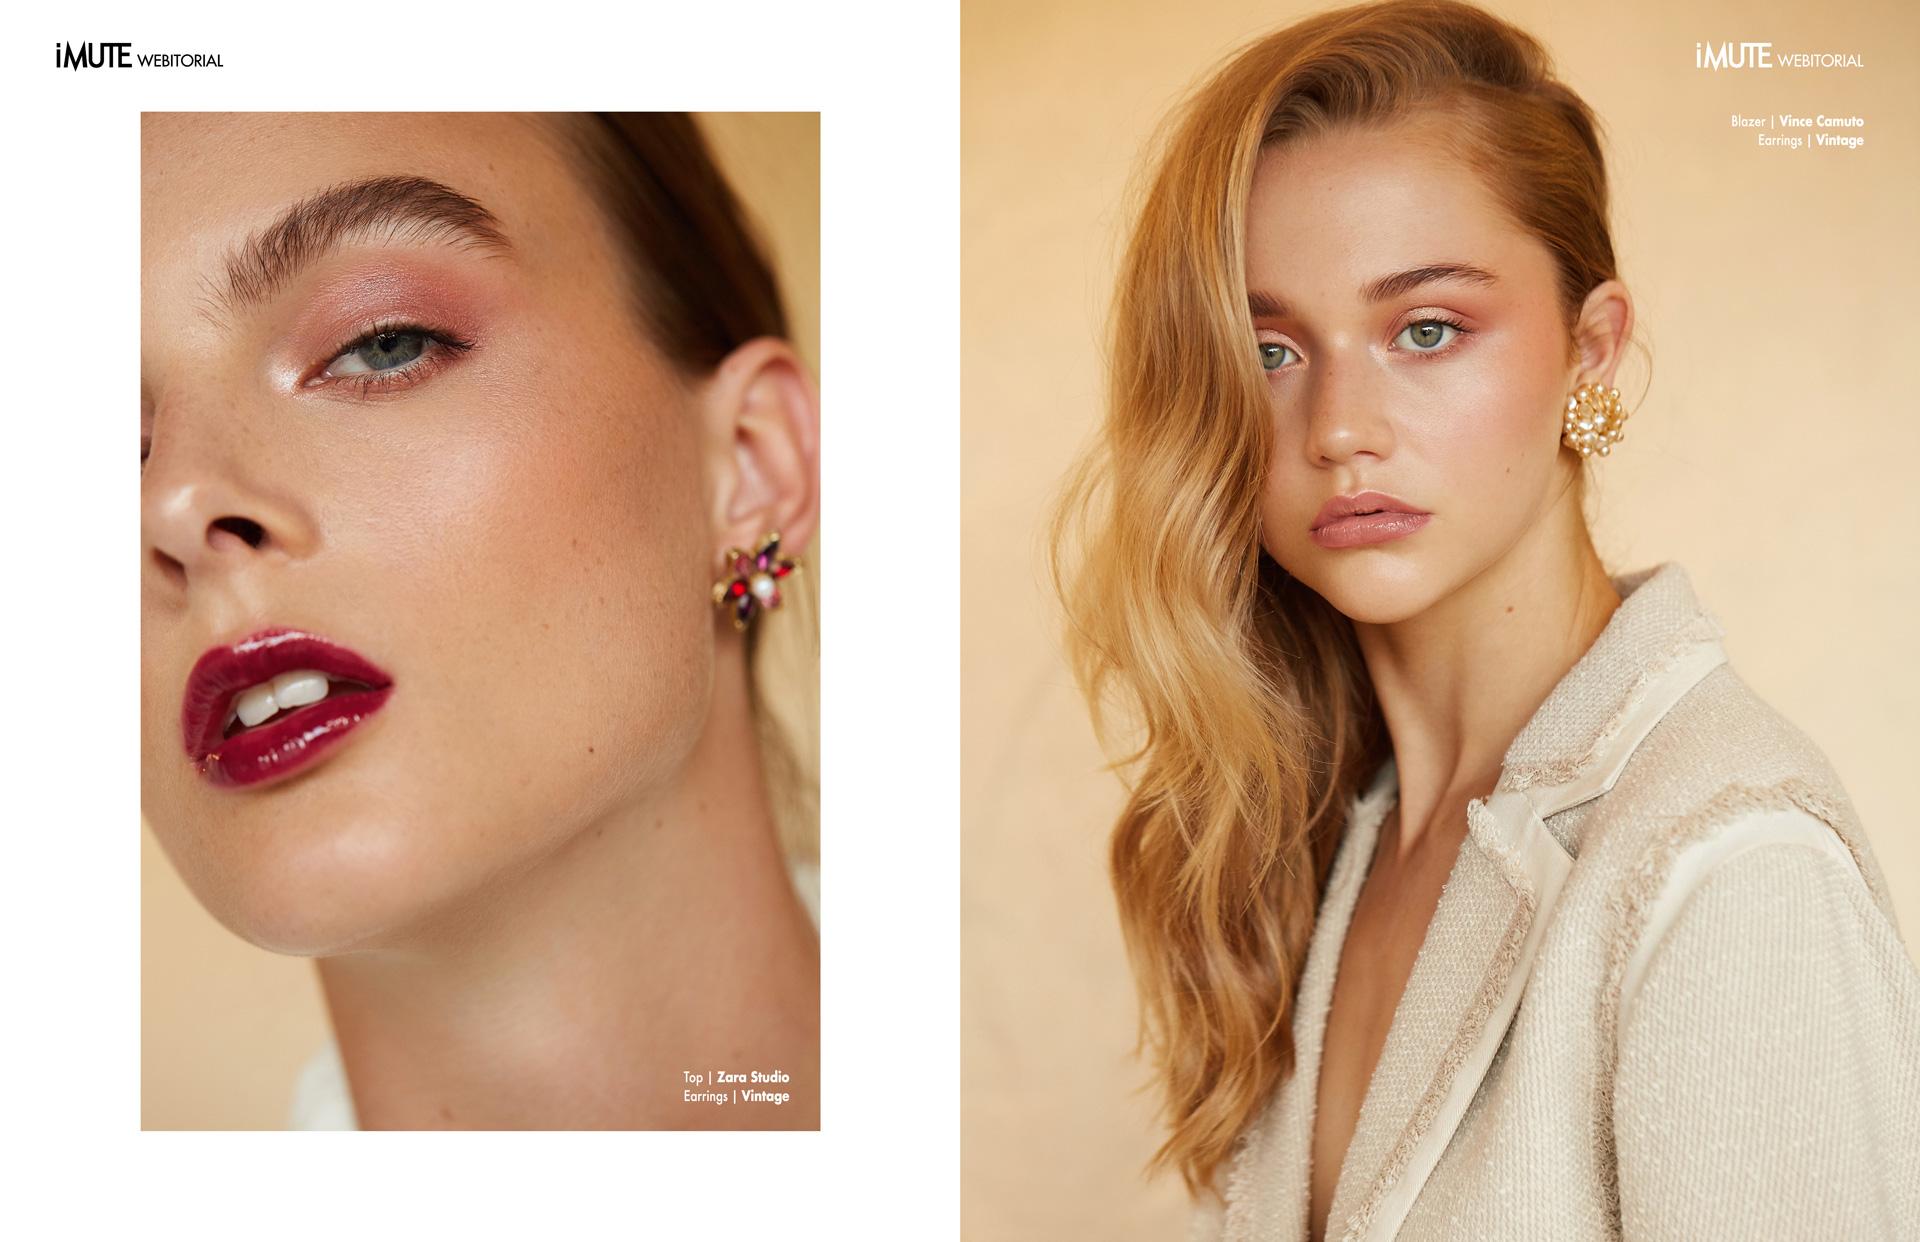 MODERN CLASSICS webitorial for iMute Magazine Photographer|Chantelle Kemkemian Models| Charlotte Mullan & Ayla Peterson @Chadwick Models Stylist| Fatima L Clinton Makeup|Brea Mulder